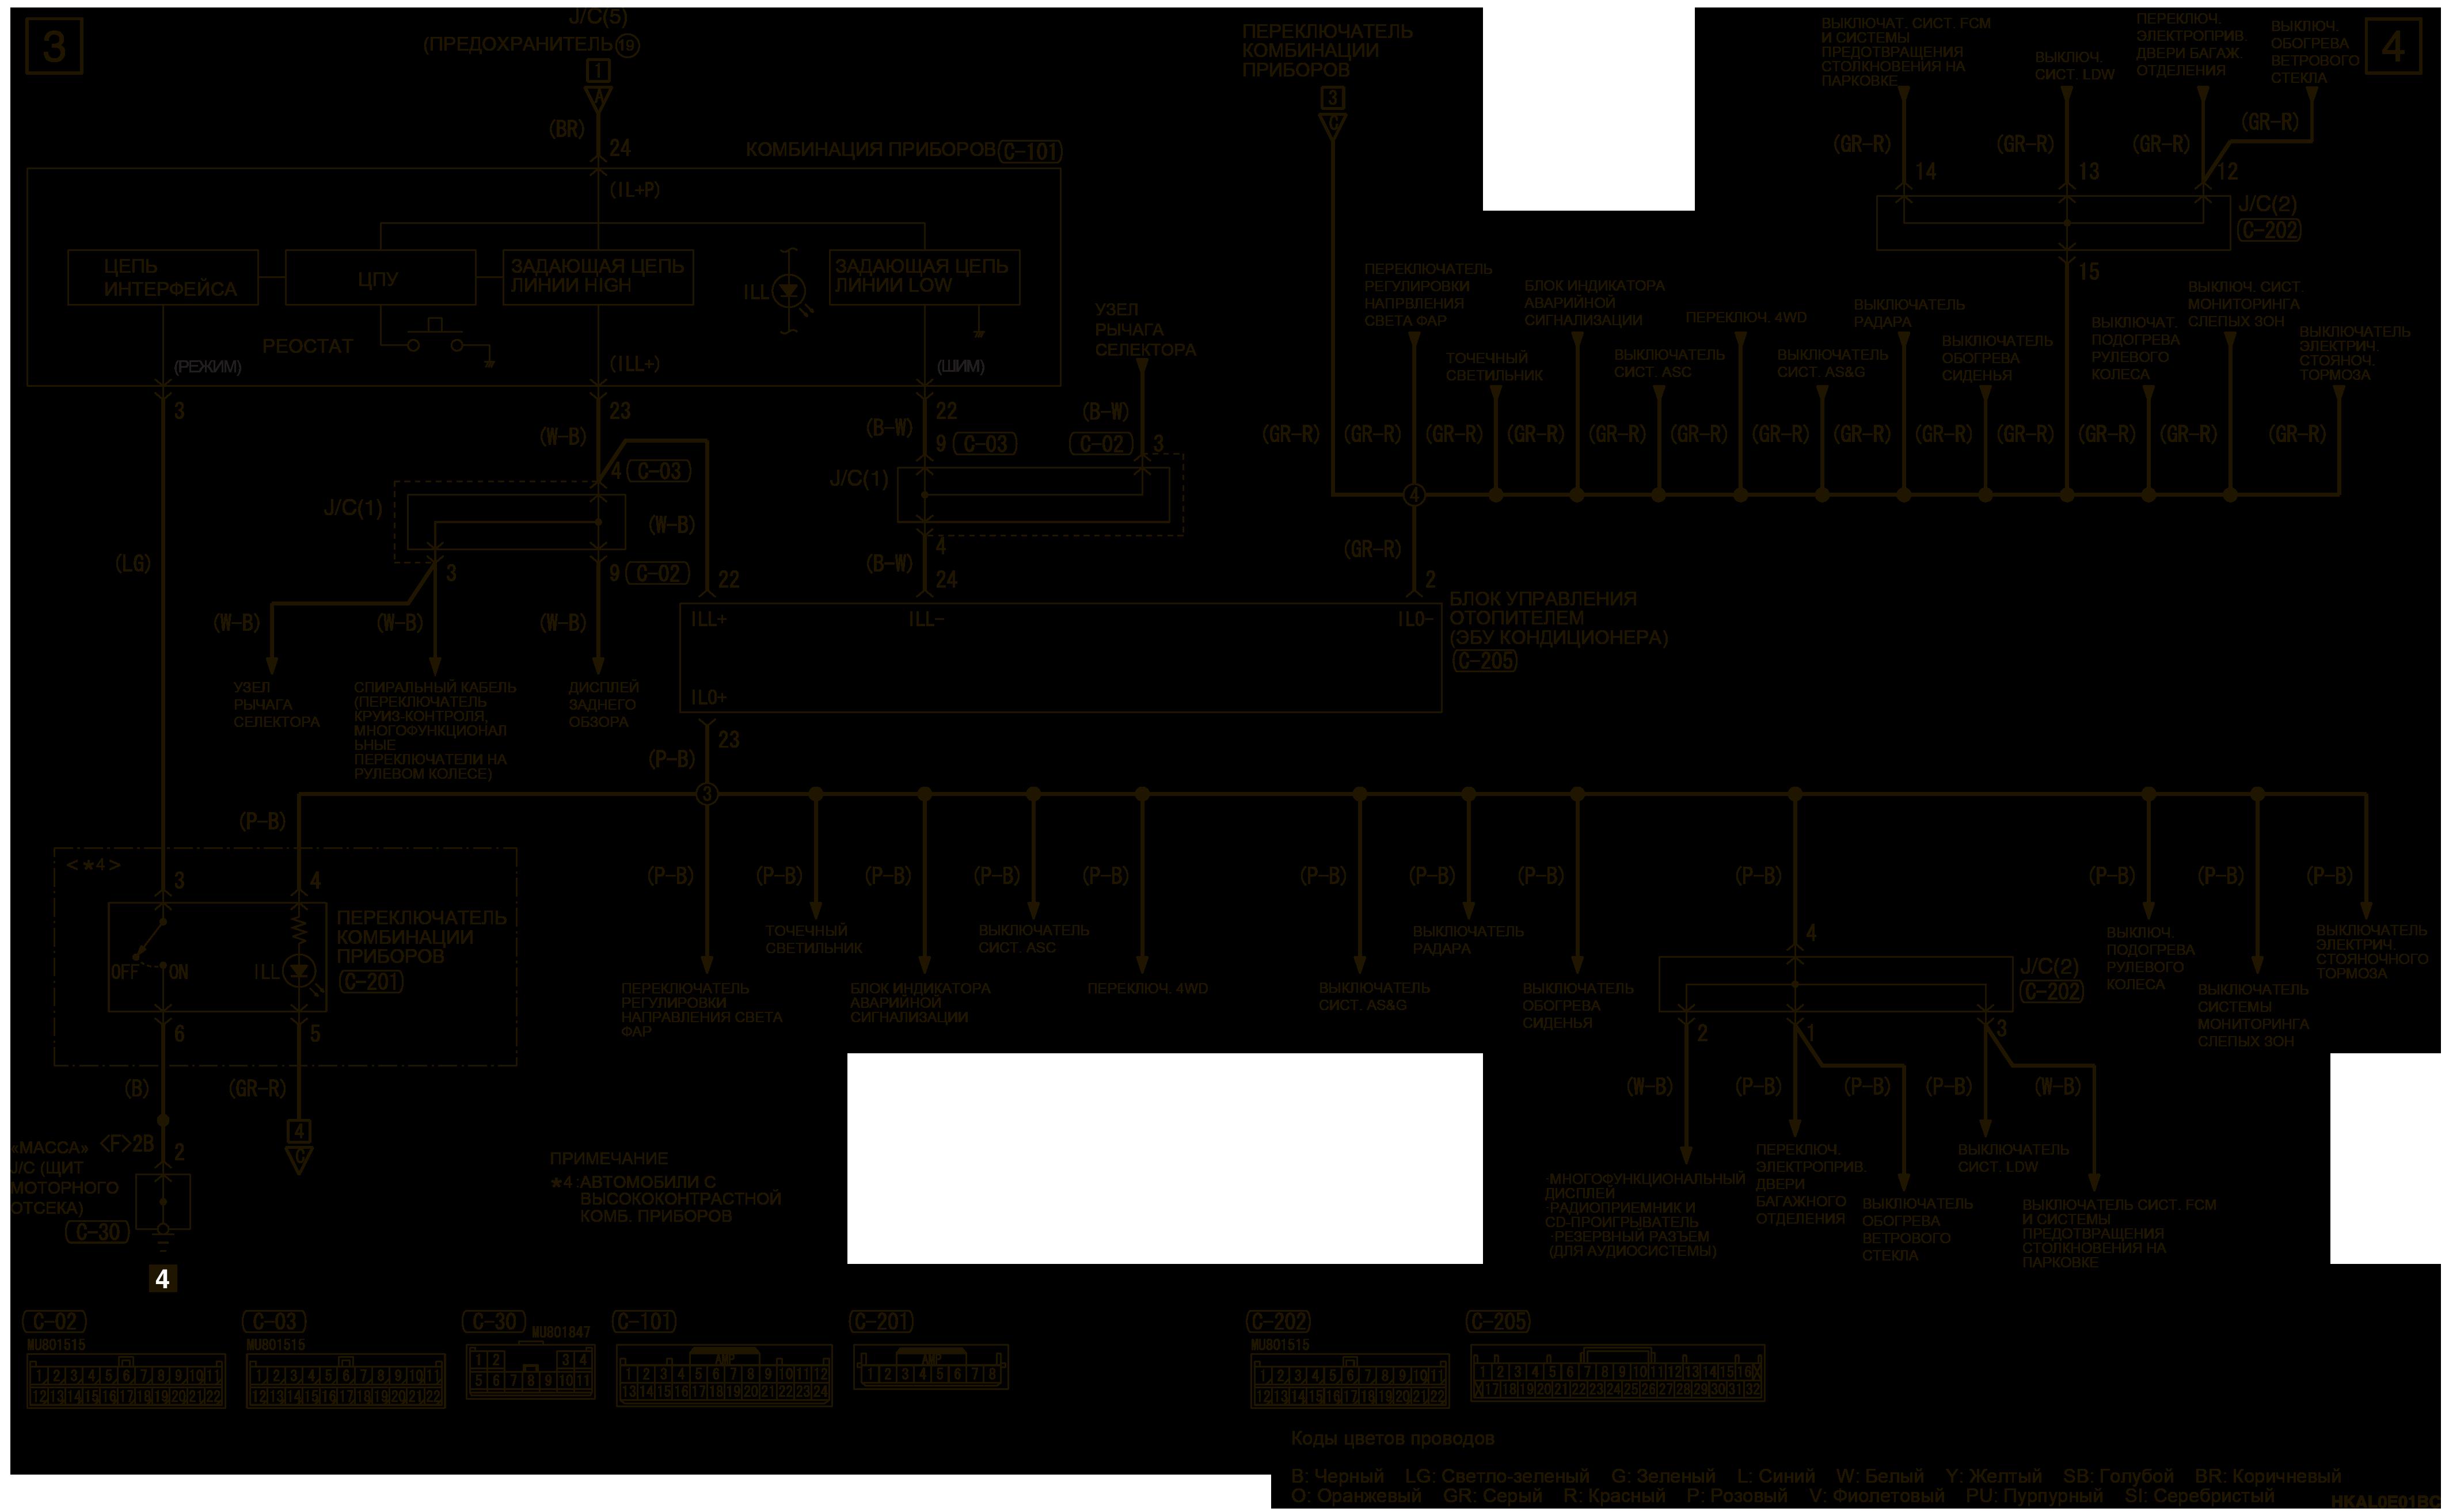 mmc аутлендер 3 2019 электросхемаПРИБОРЫ И УКАЗАТЕЛИ ПРАВОСТОРОННЕЕ УПРАВЛЕНИЕ